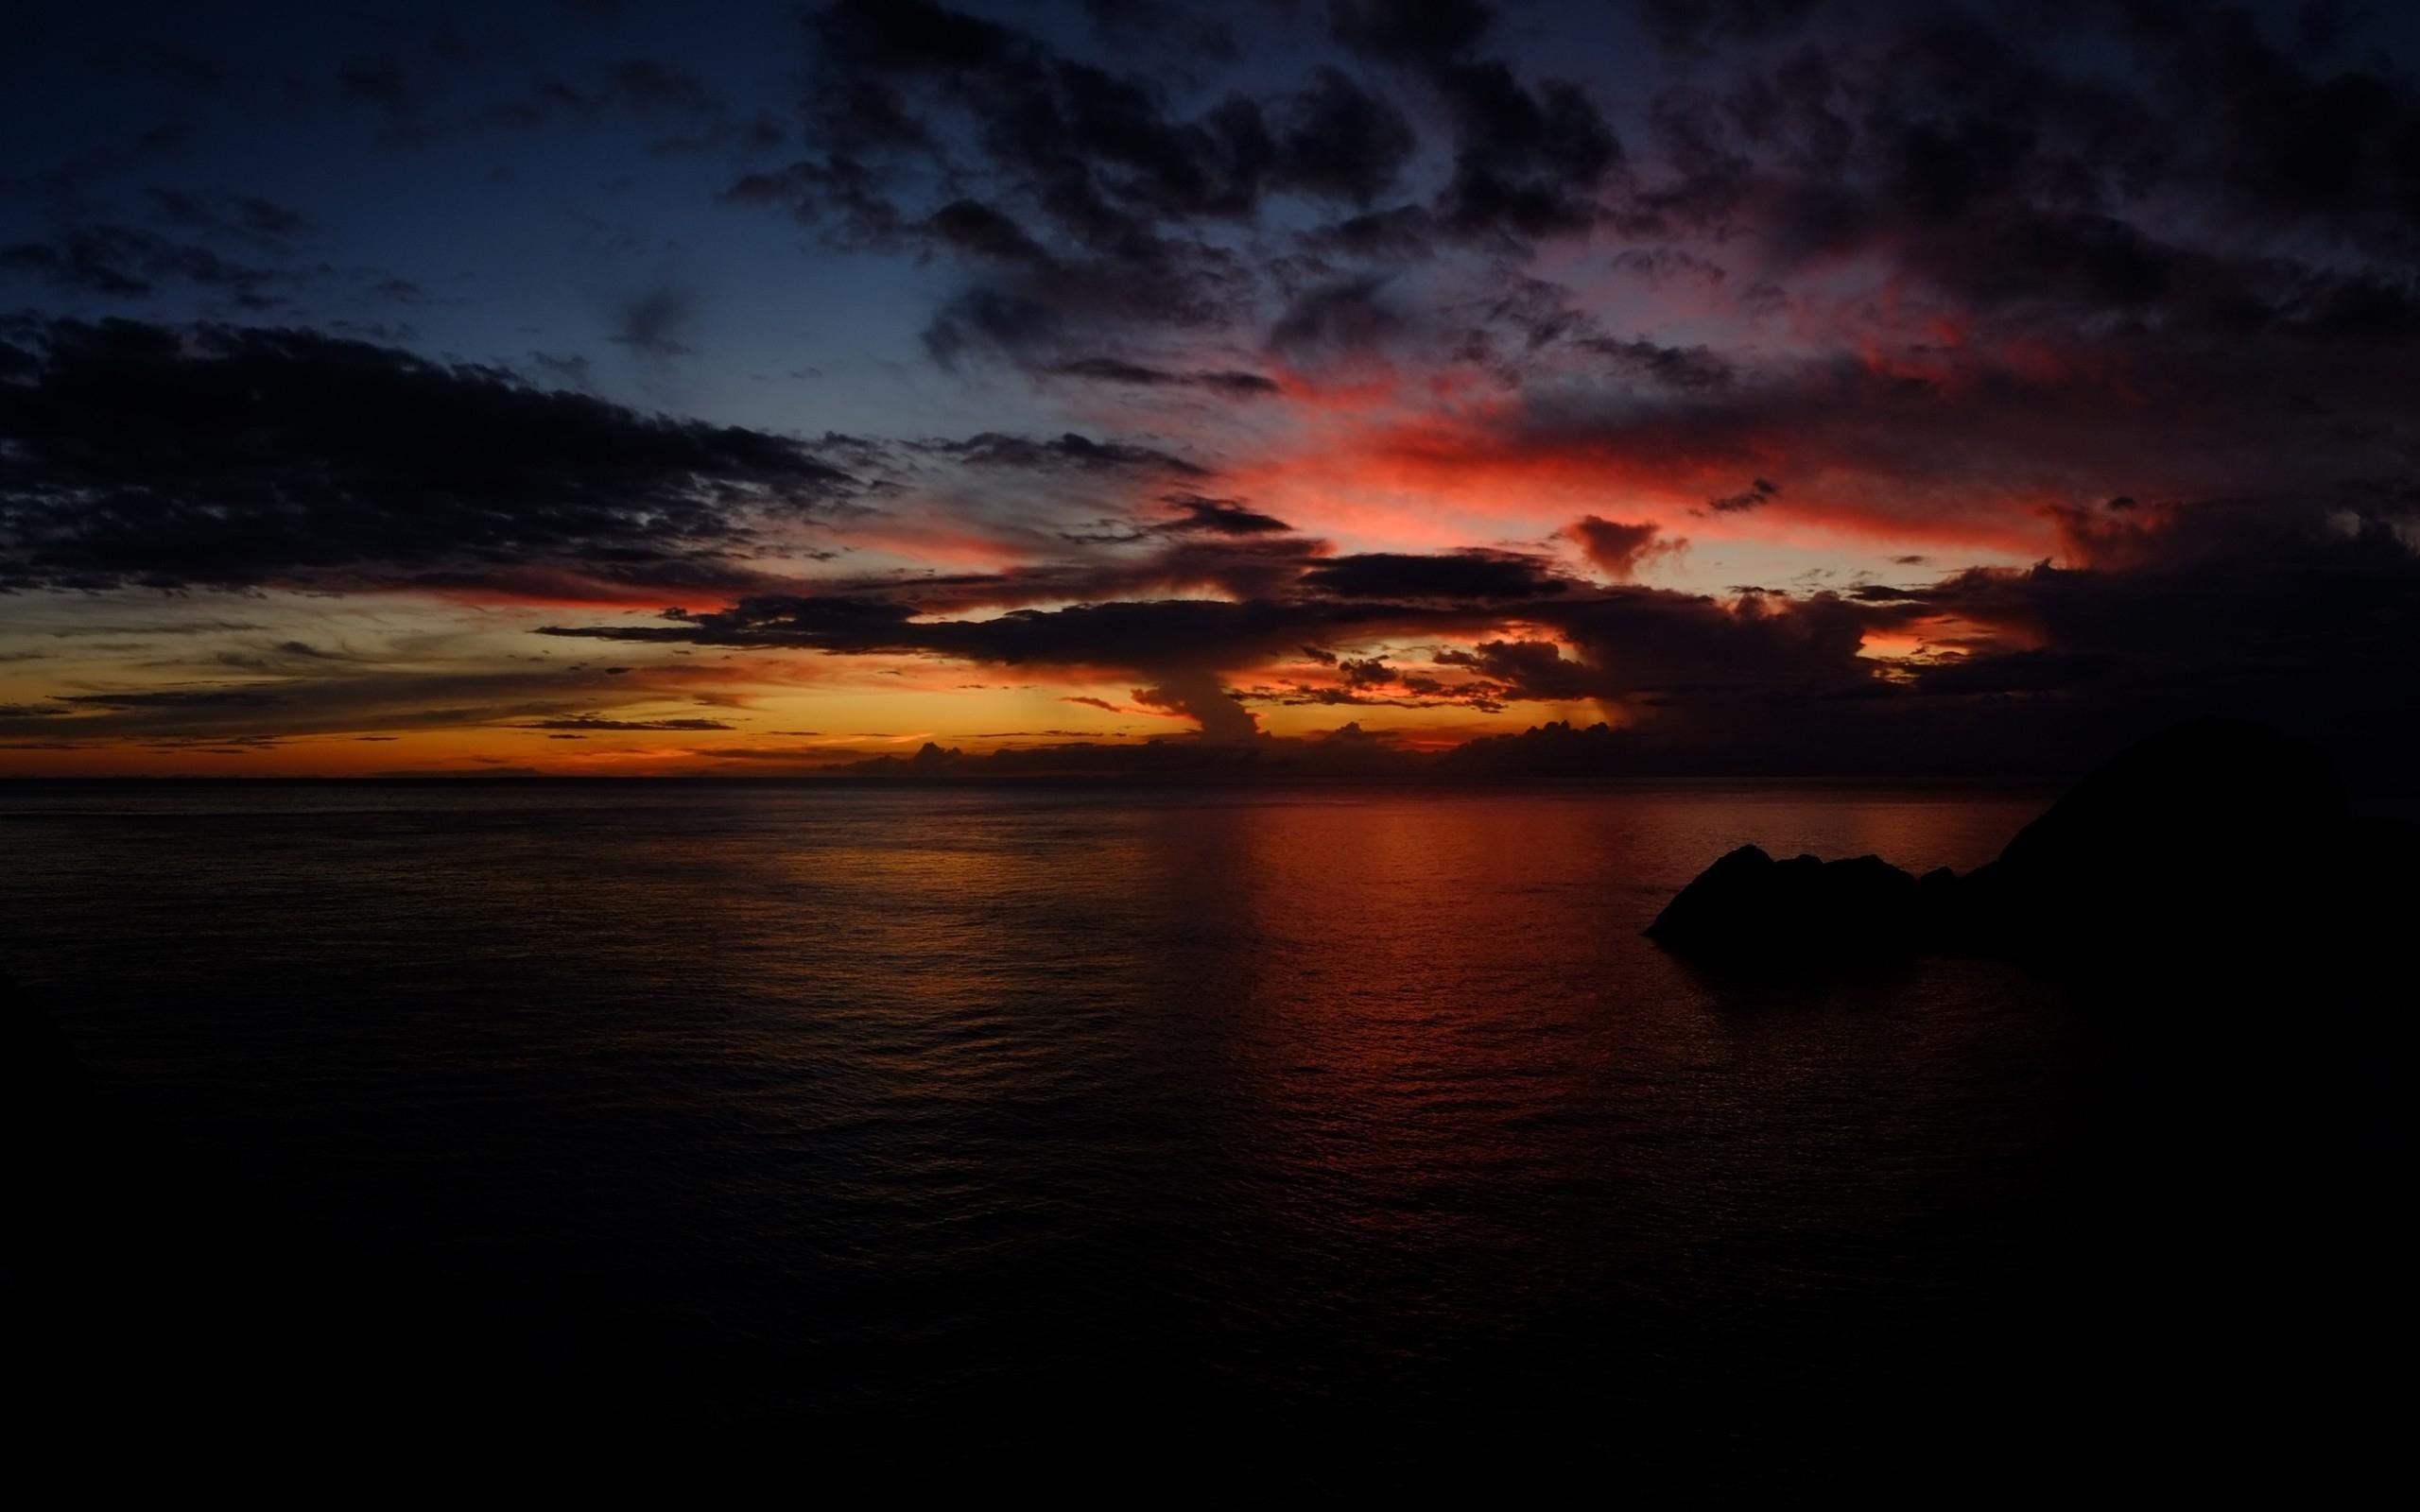 Темный закат над озером  № 3213553 бесплатно